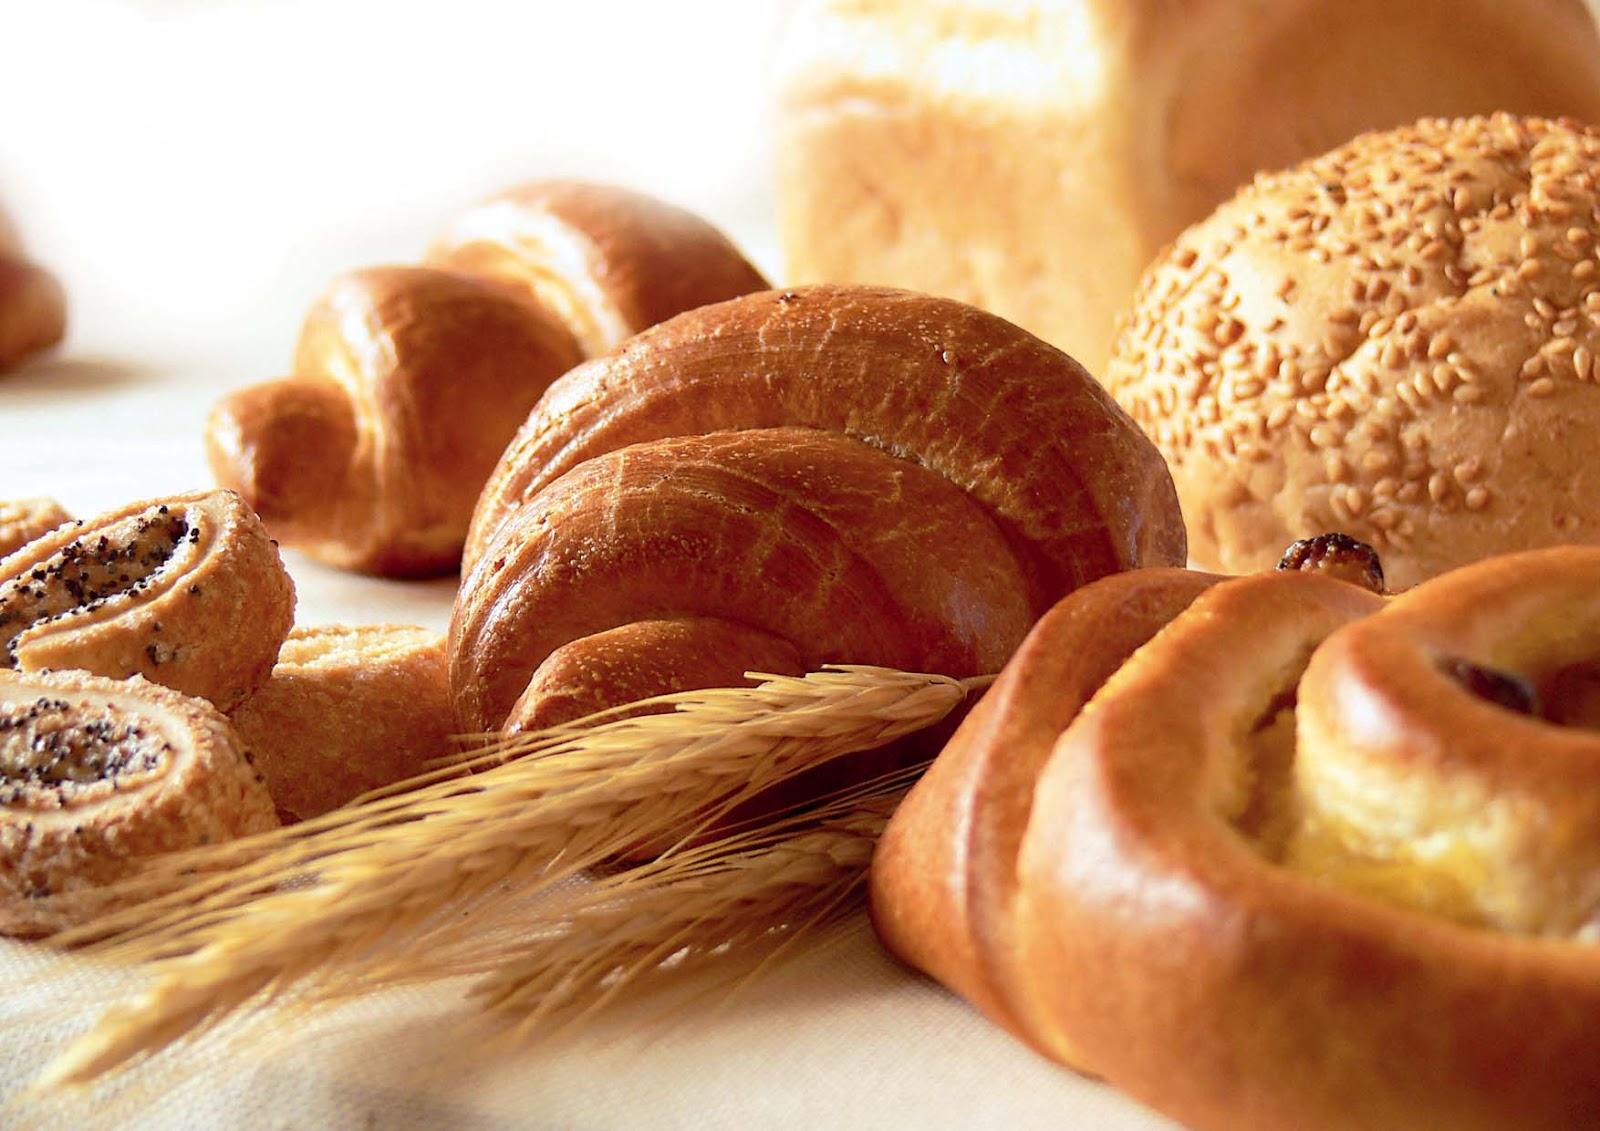 Рынок хлеба в России в 2013 году вырос на 12%